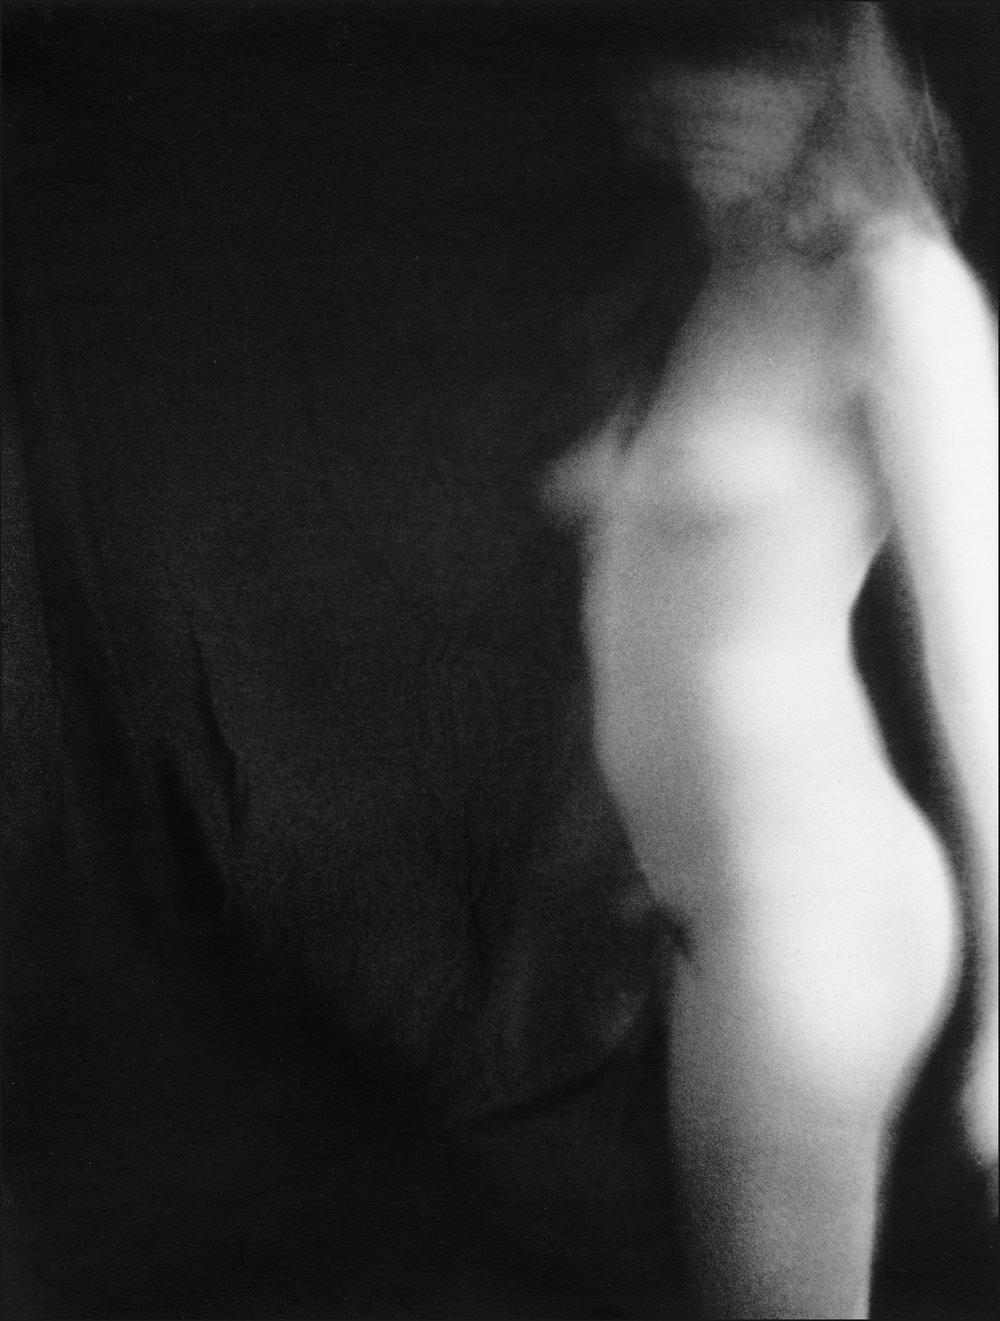 Windy Nude, 2004